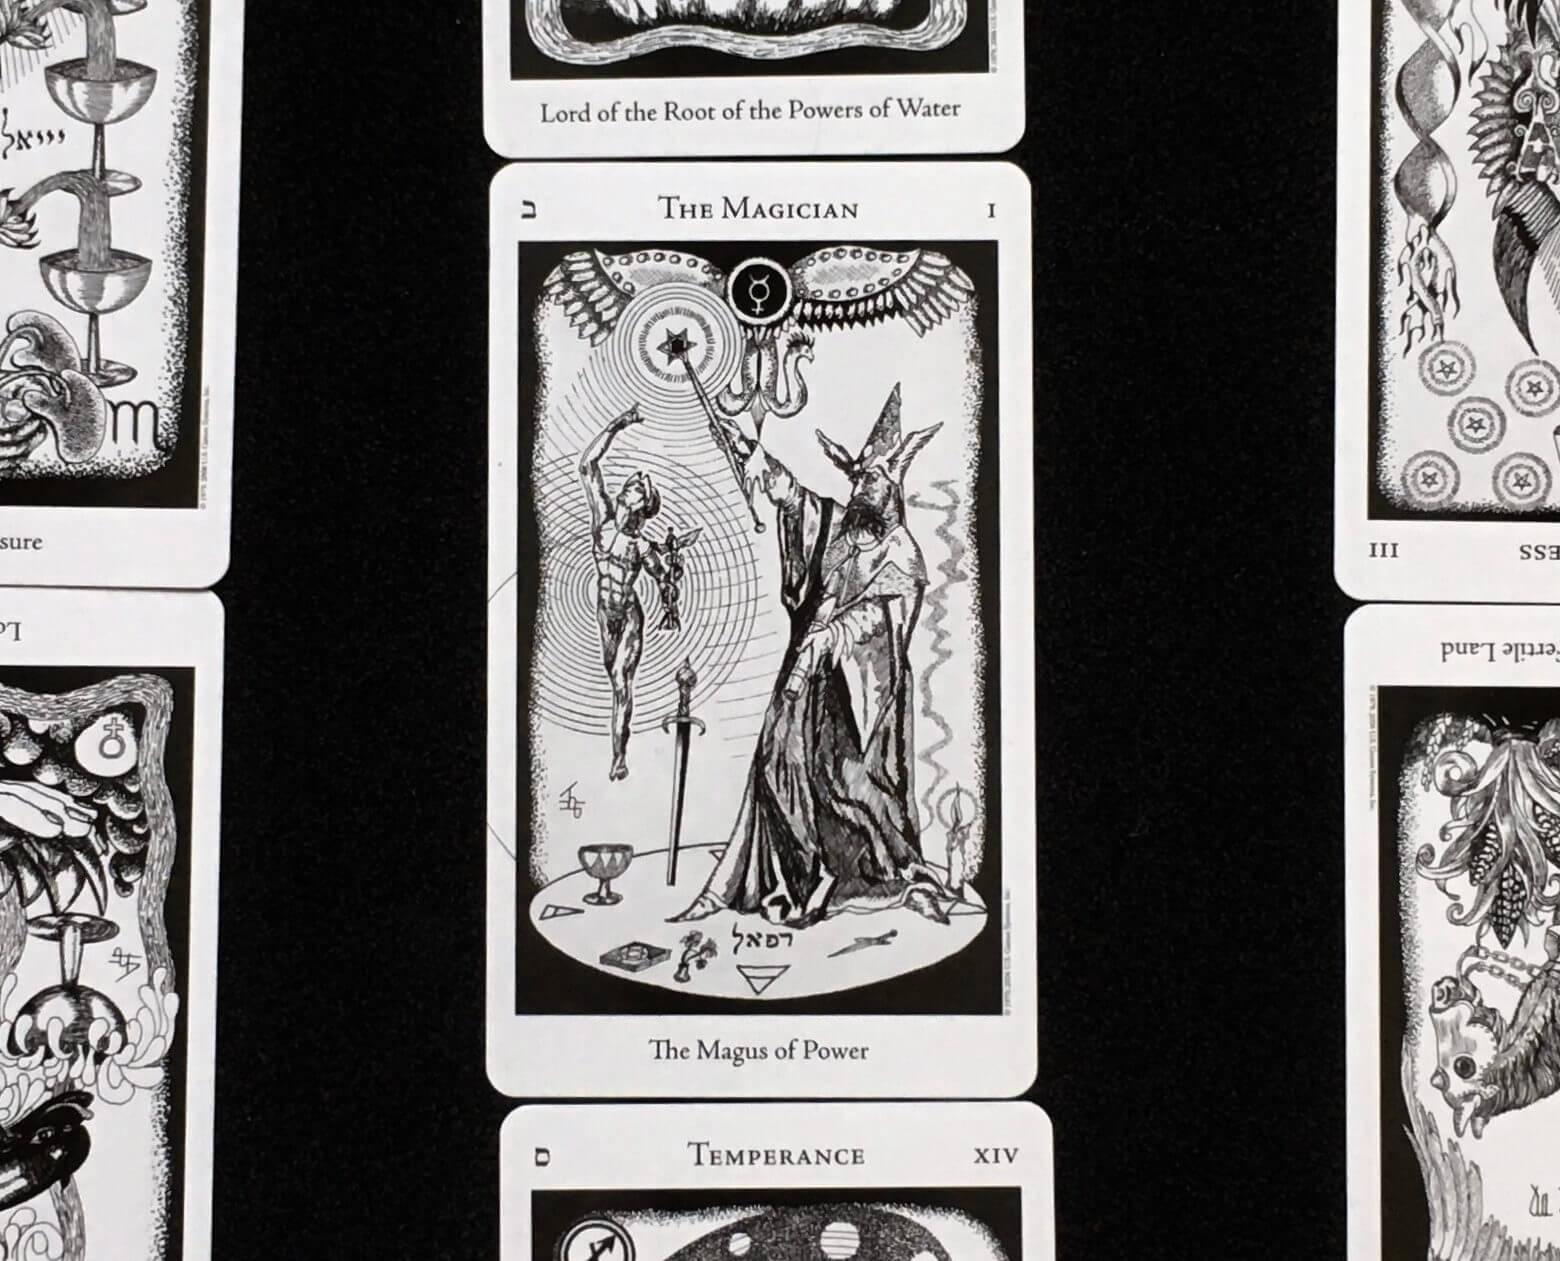 [びーも] マジシャン向け 占い・コールドリーディング オススメ文献